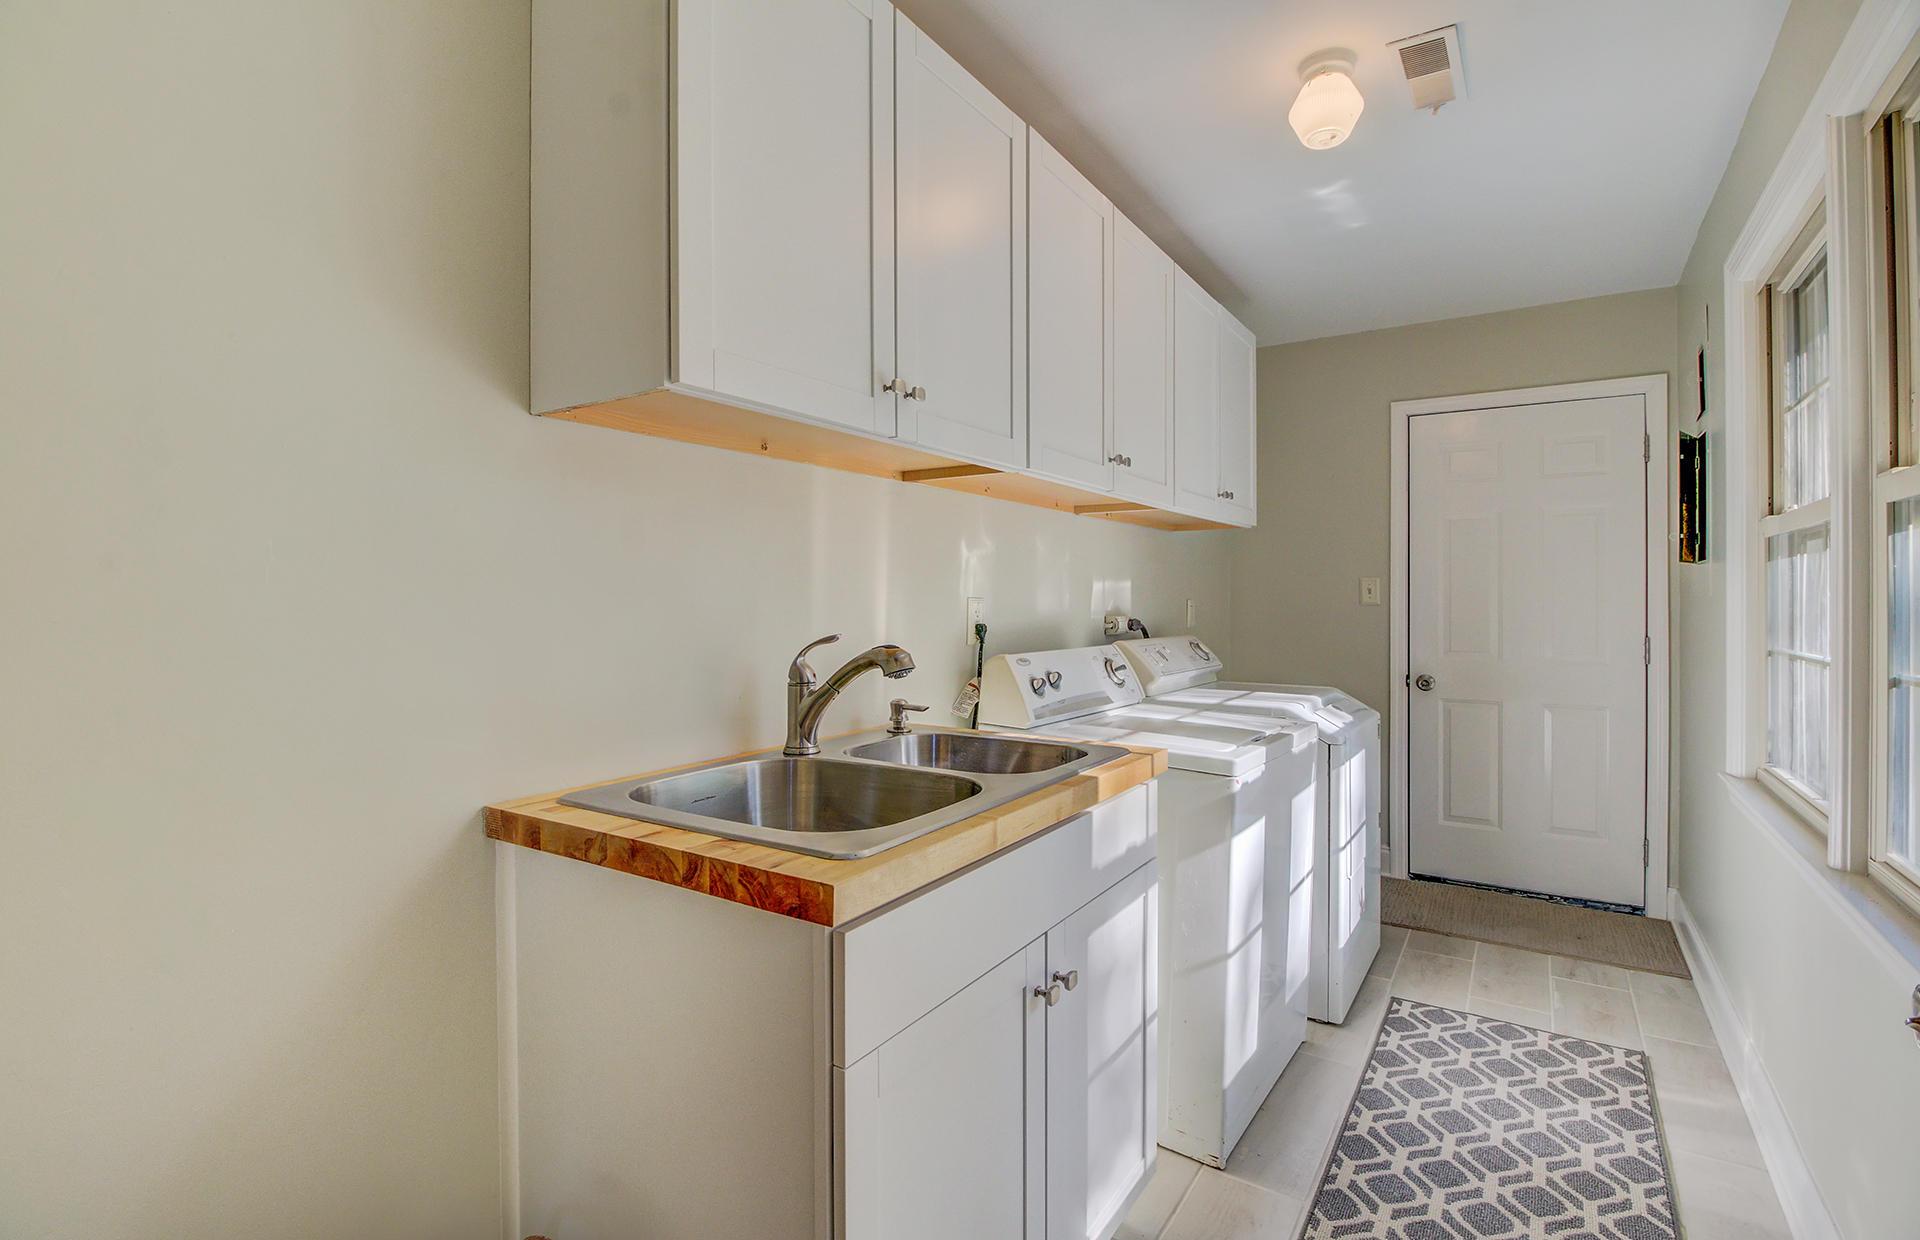 Pine Forest Inn Homes For Sale - 543 Simmons, Summerville, SC - 41